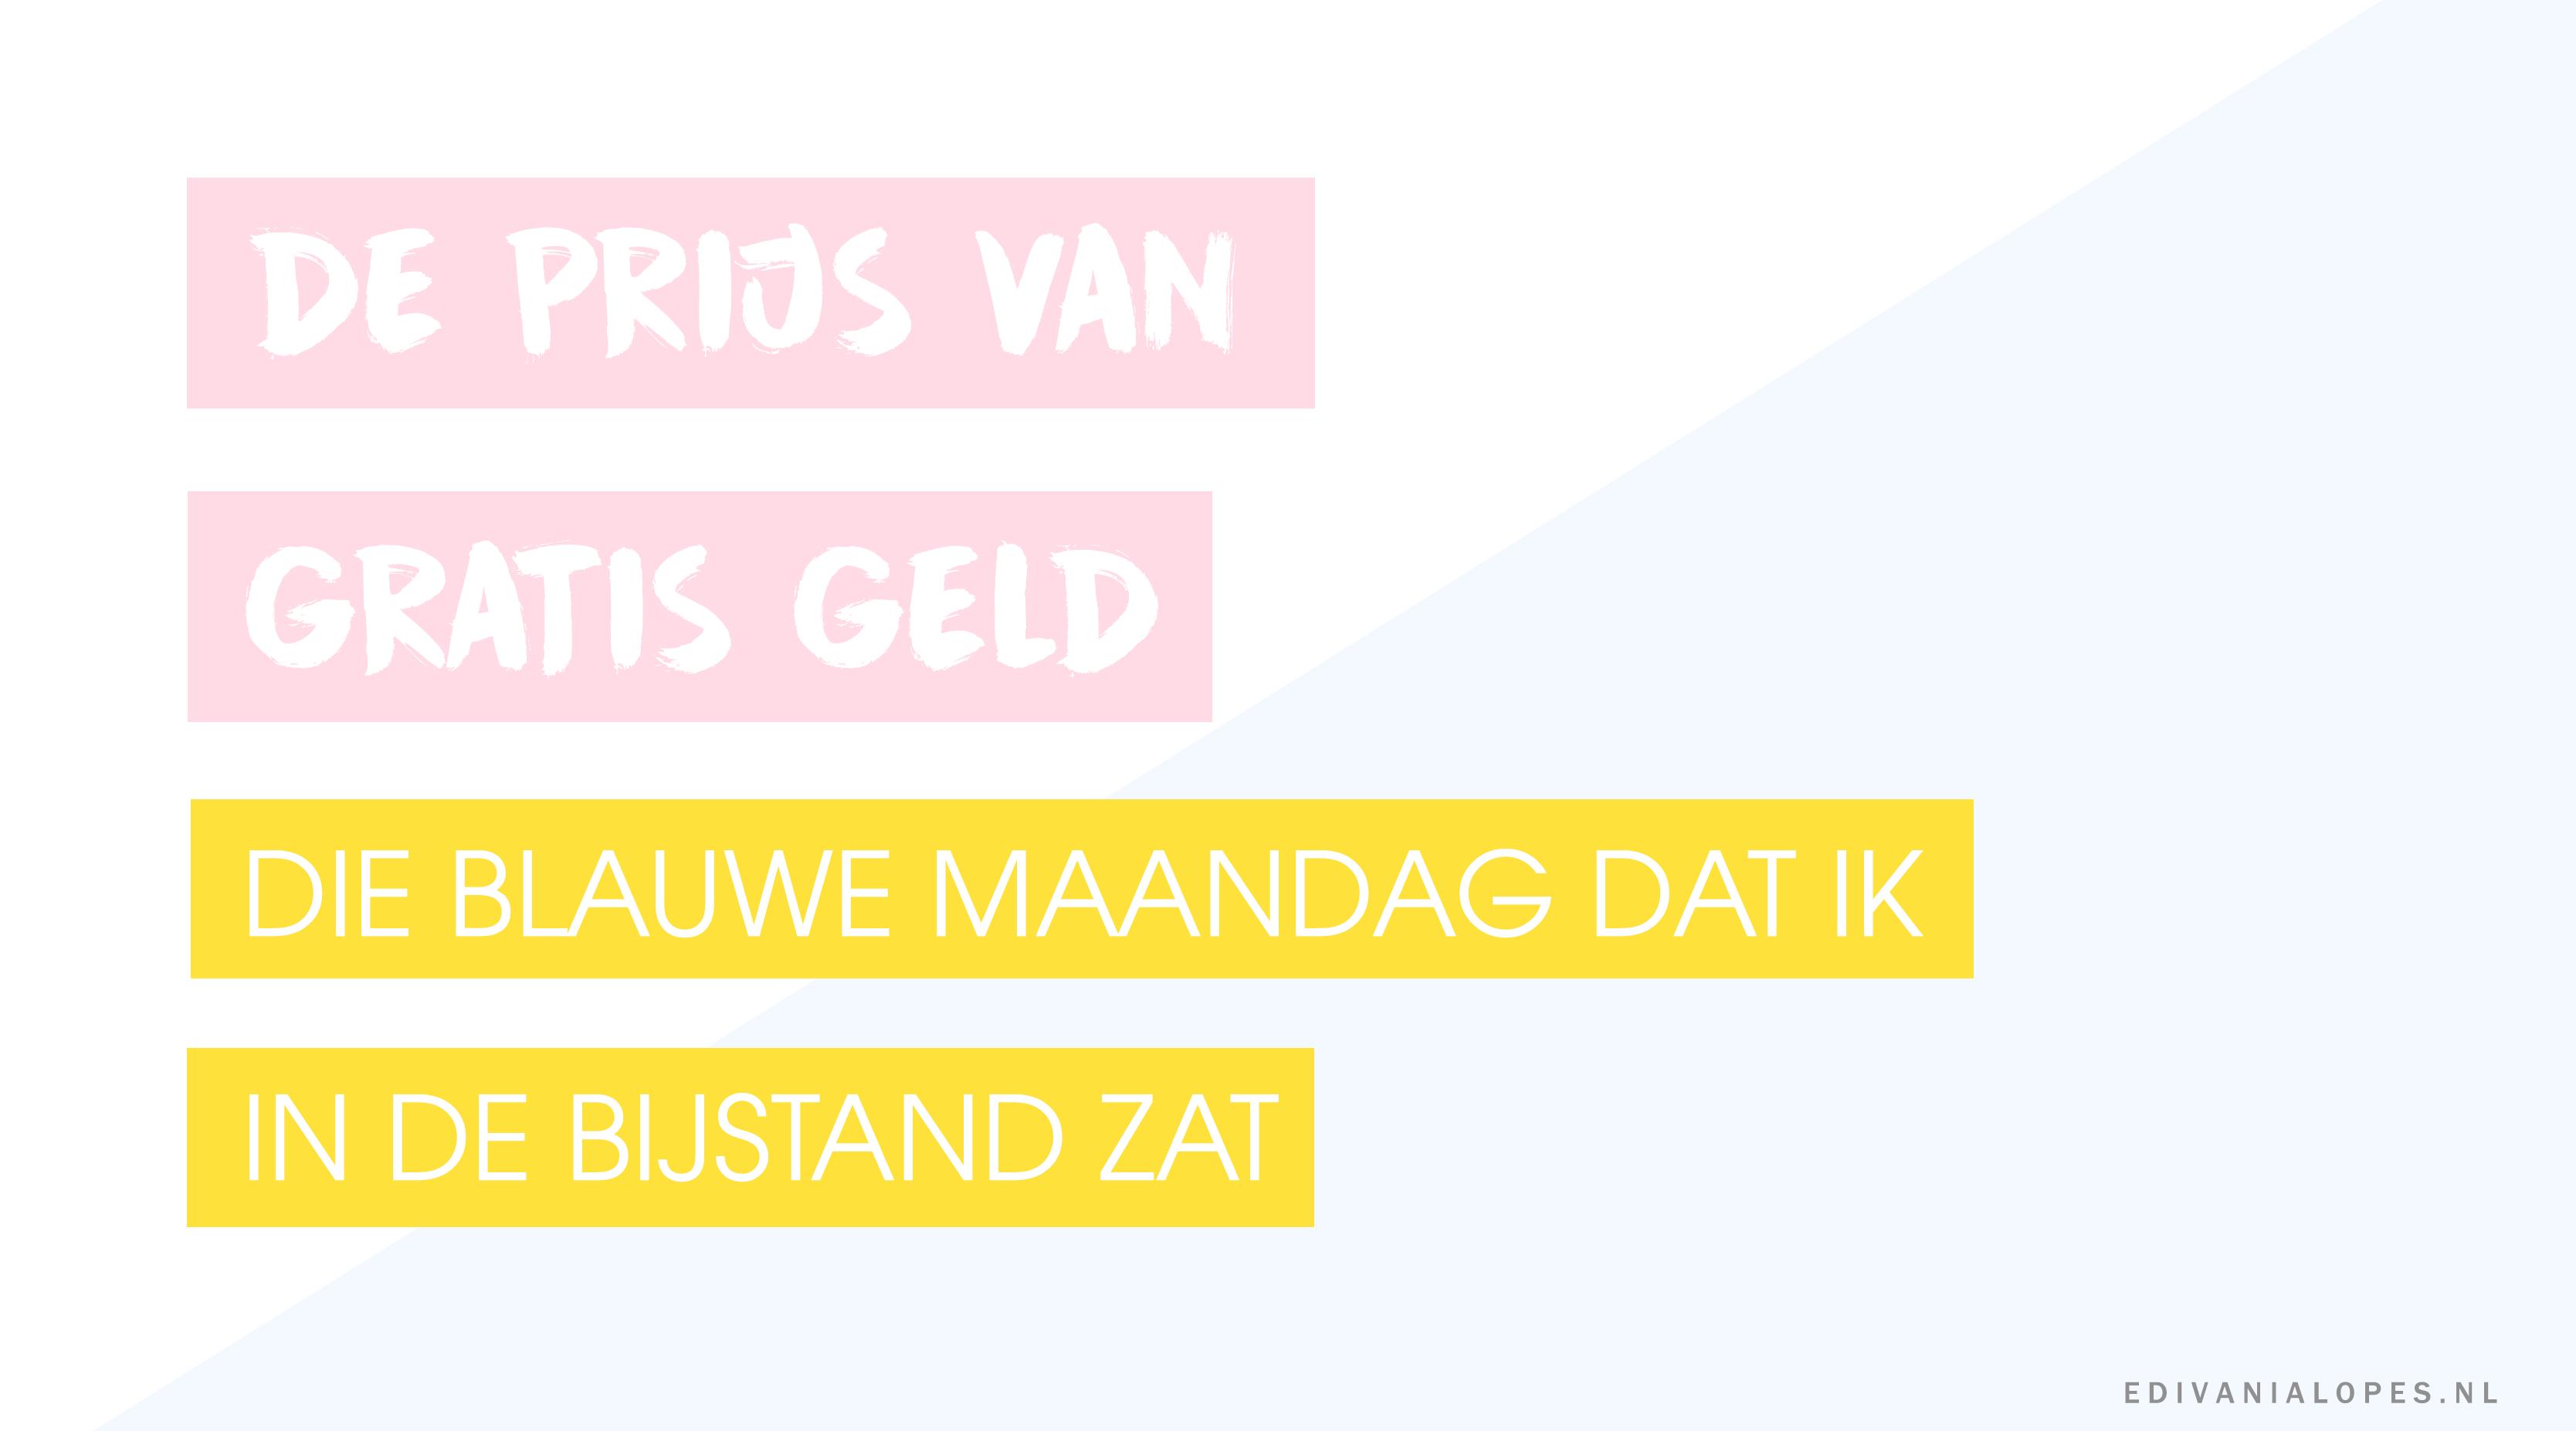 De prijs van gratis geld - EdivaniaLopes.nl